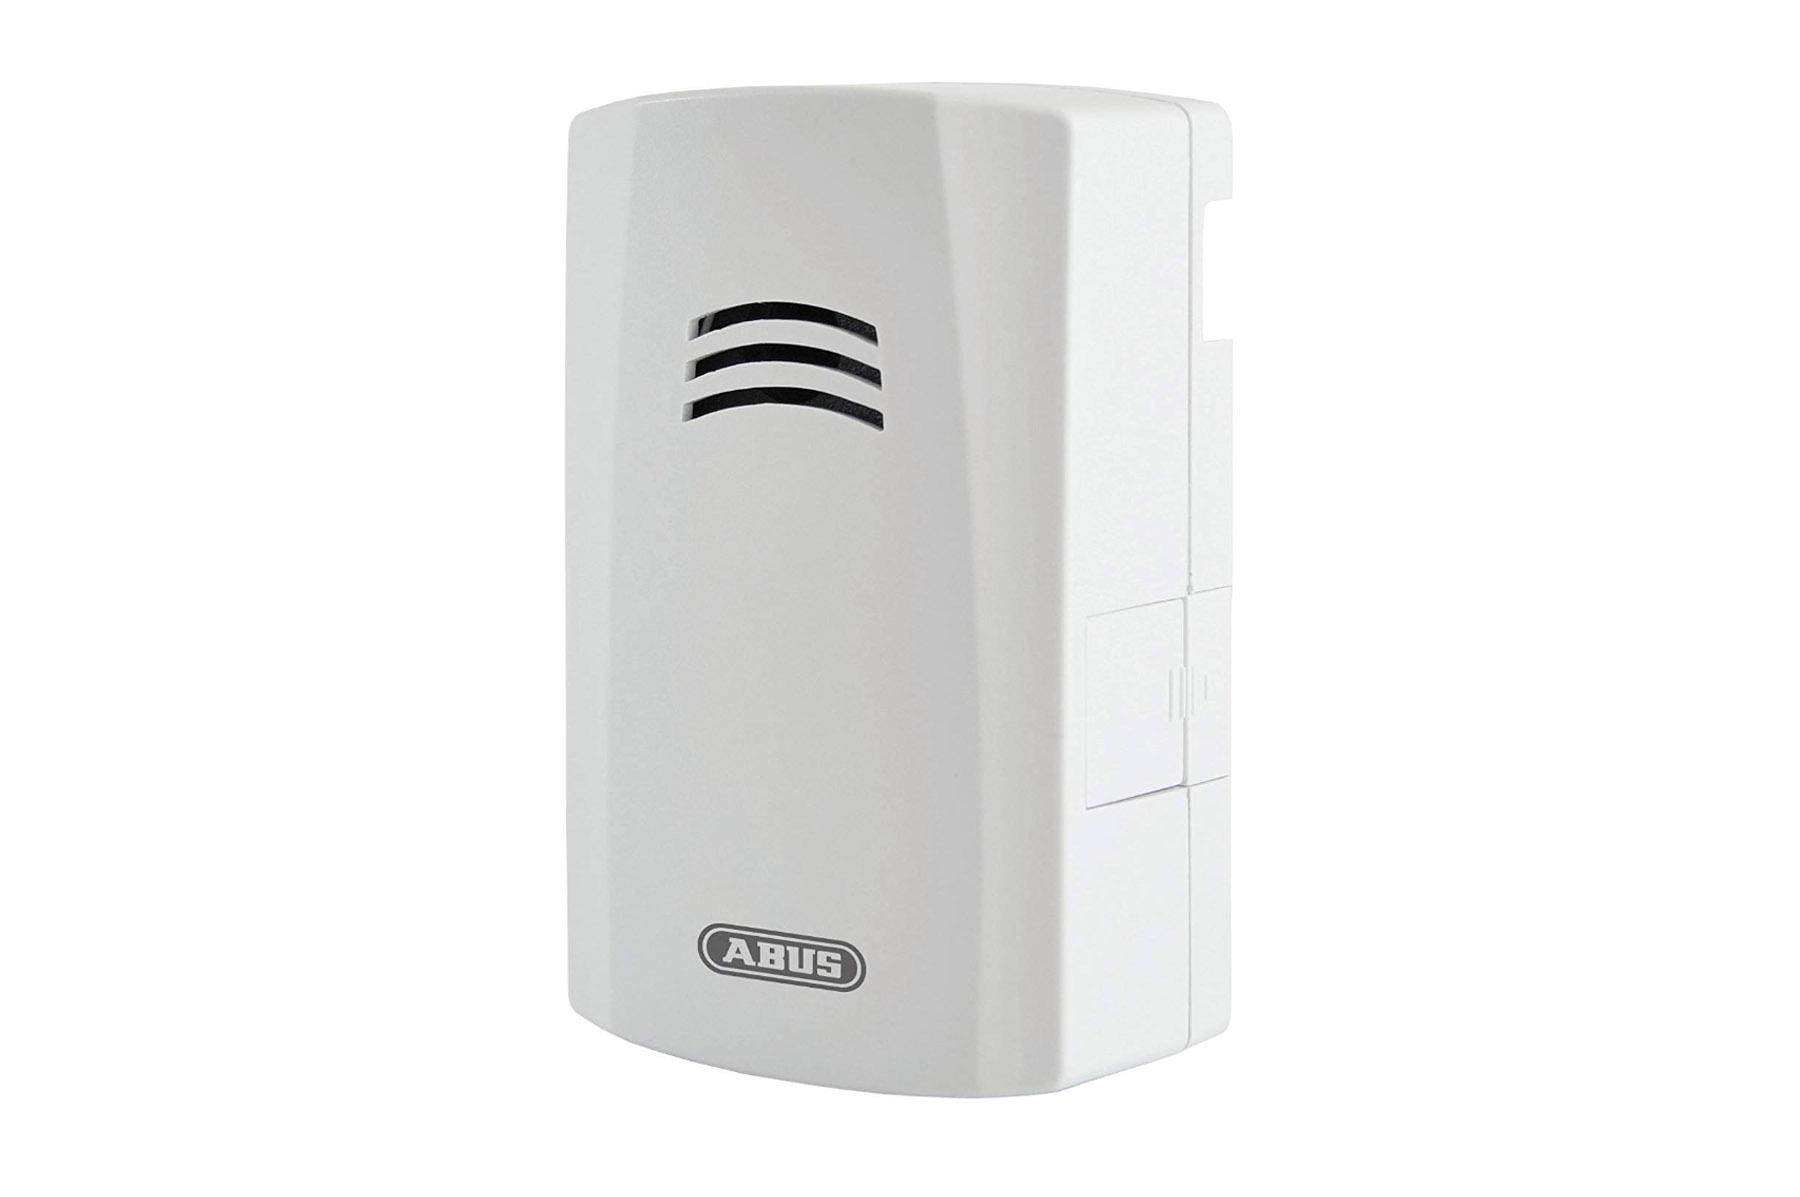 Schützen Sie Ihren Kellerschacht bzw Lichtschacht nicht nur mit Lichtschachtabdeckung sondern auch mit unserem ABUS Wassemelder!